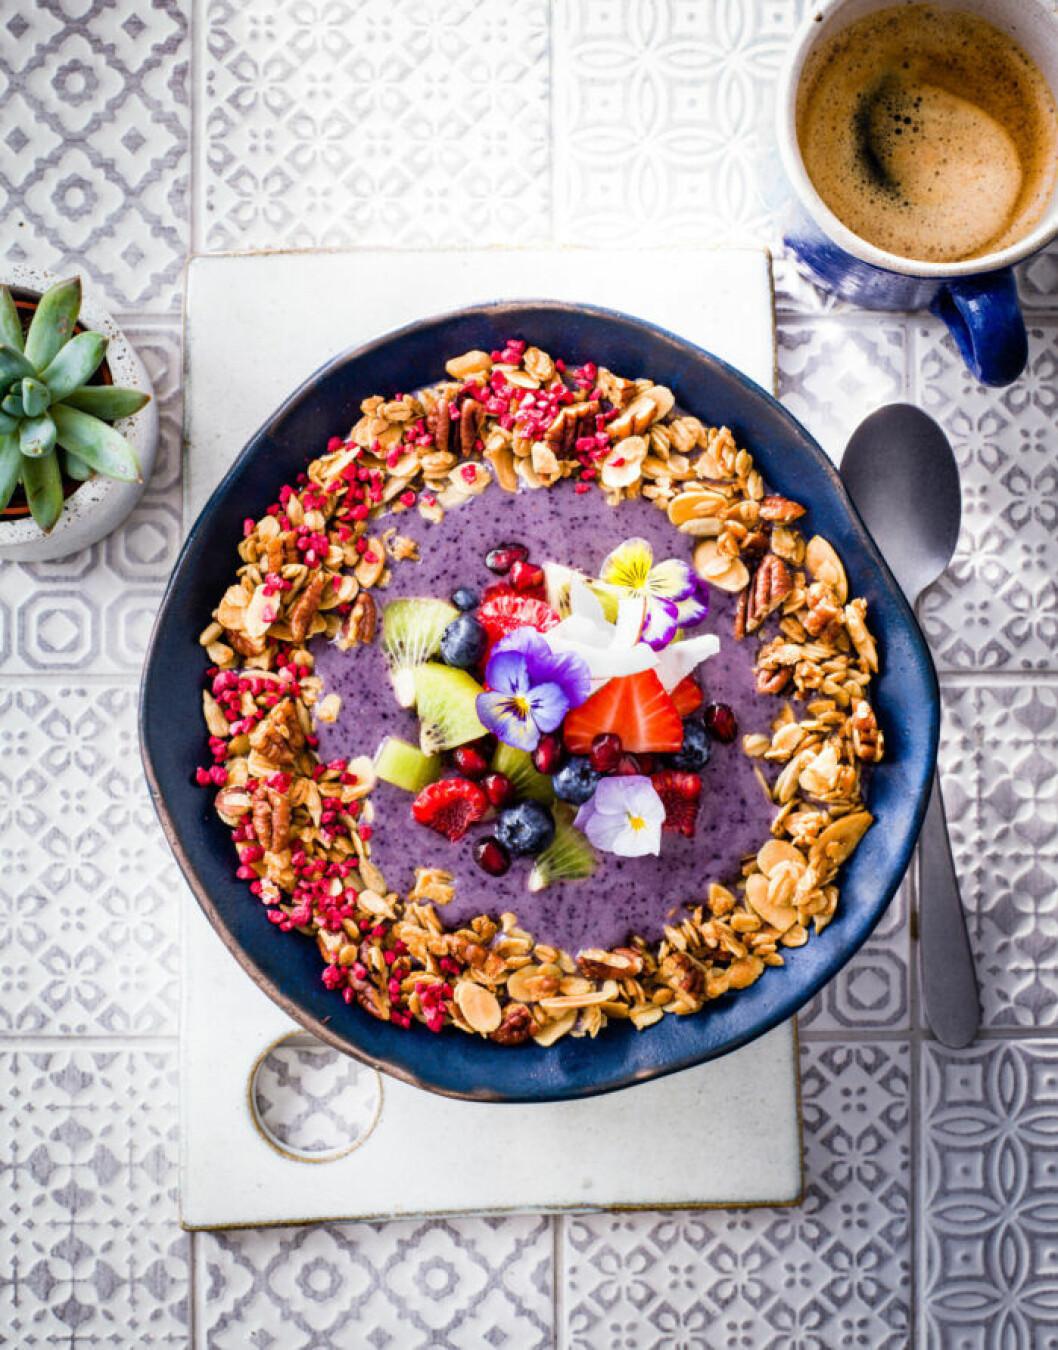 Recept på smoothiebowl med blåbär och granola